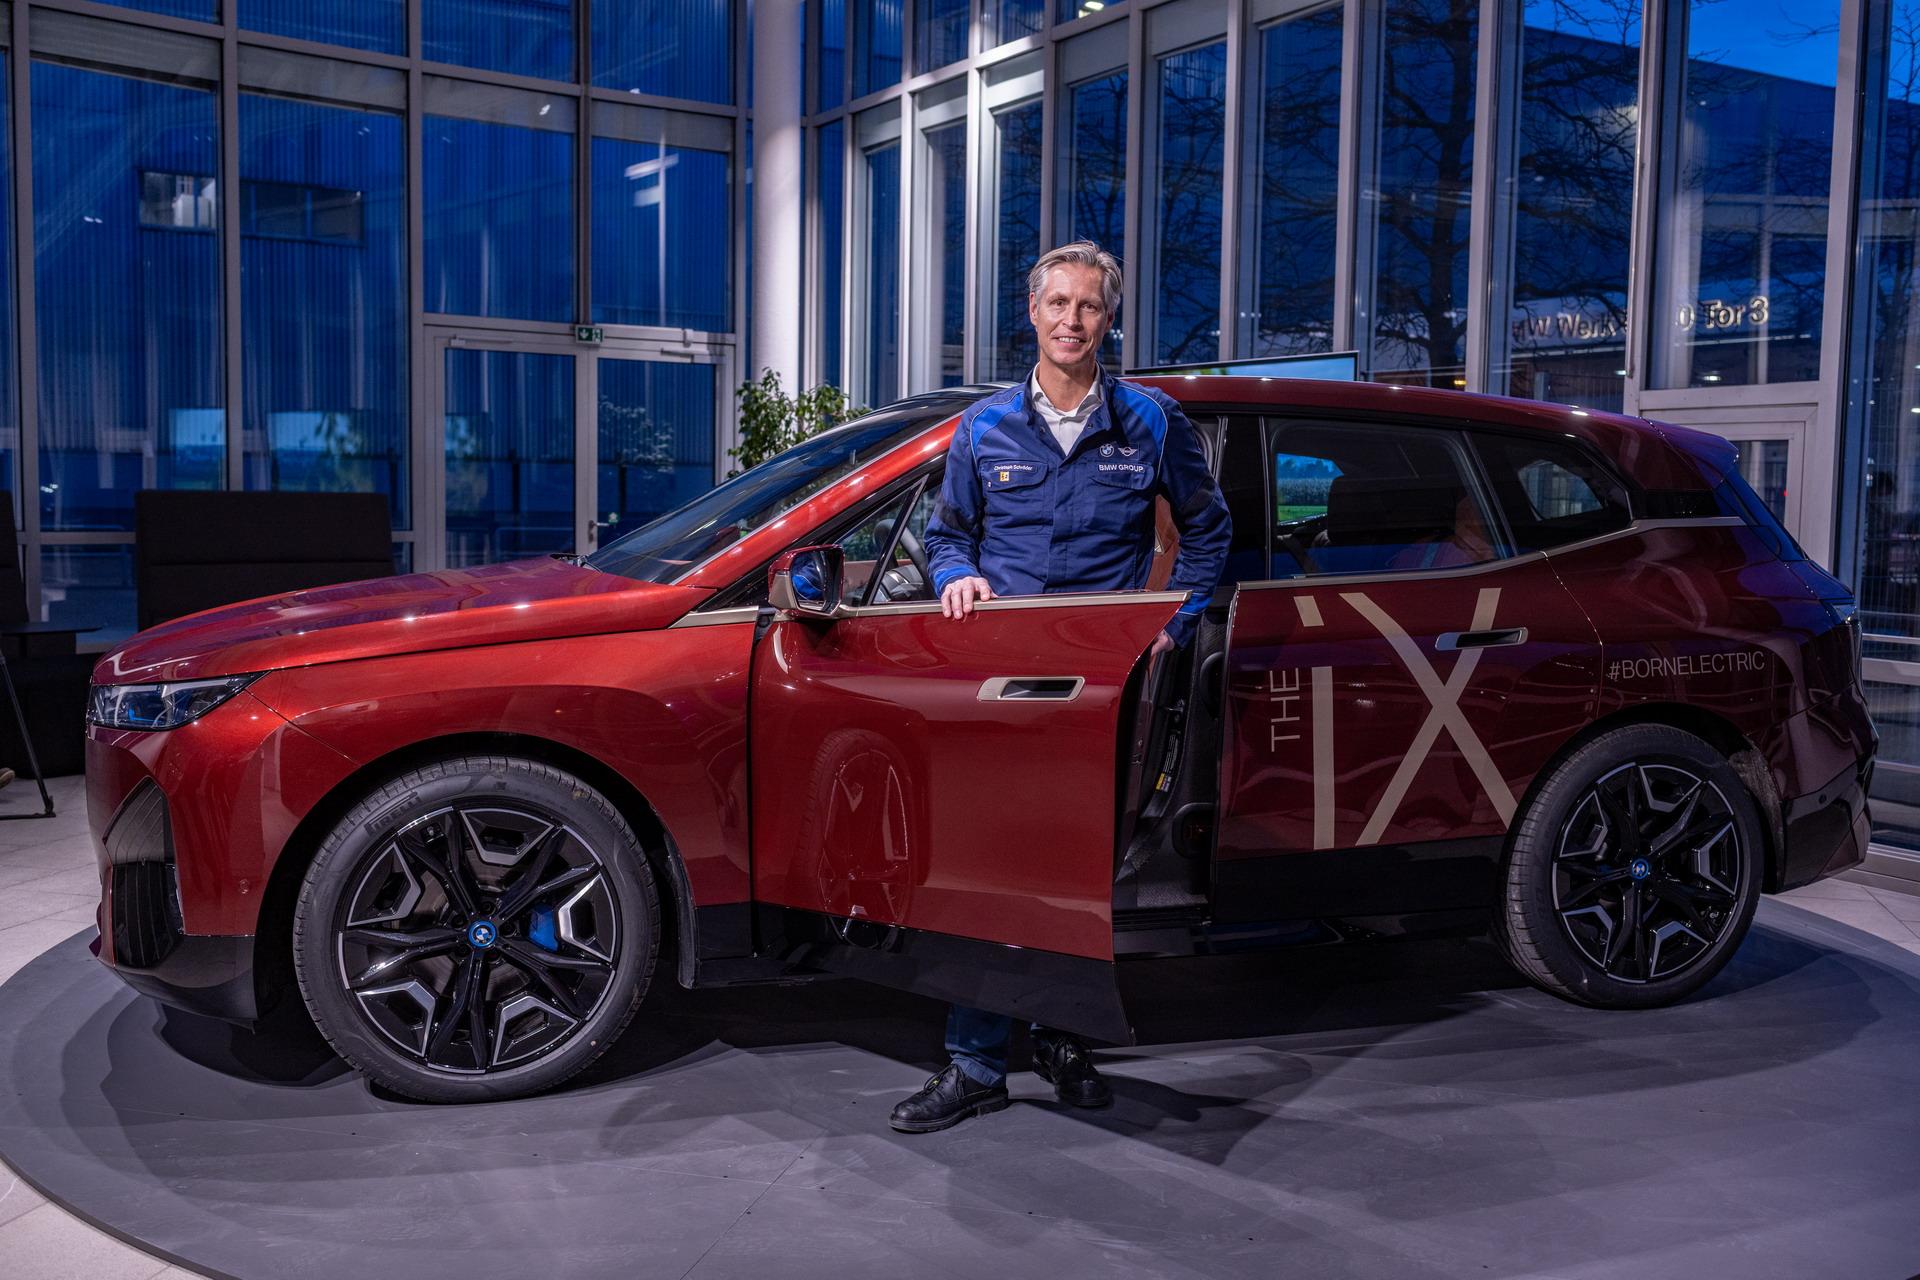 Новый BMW iX: завод в Дингольфинге как новаторский объект Power of Choice